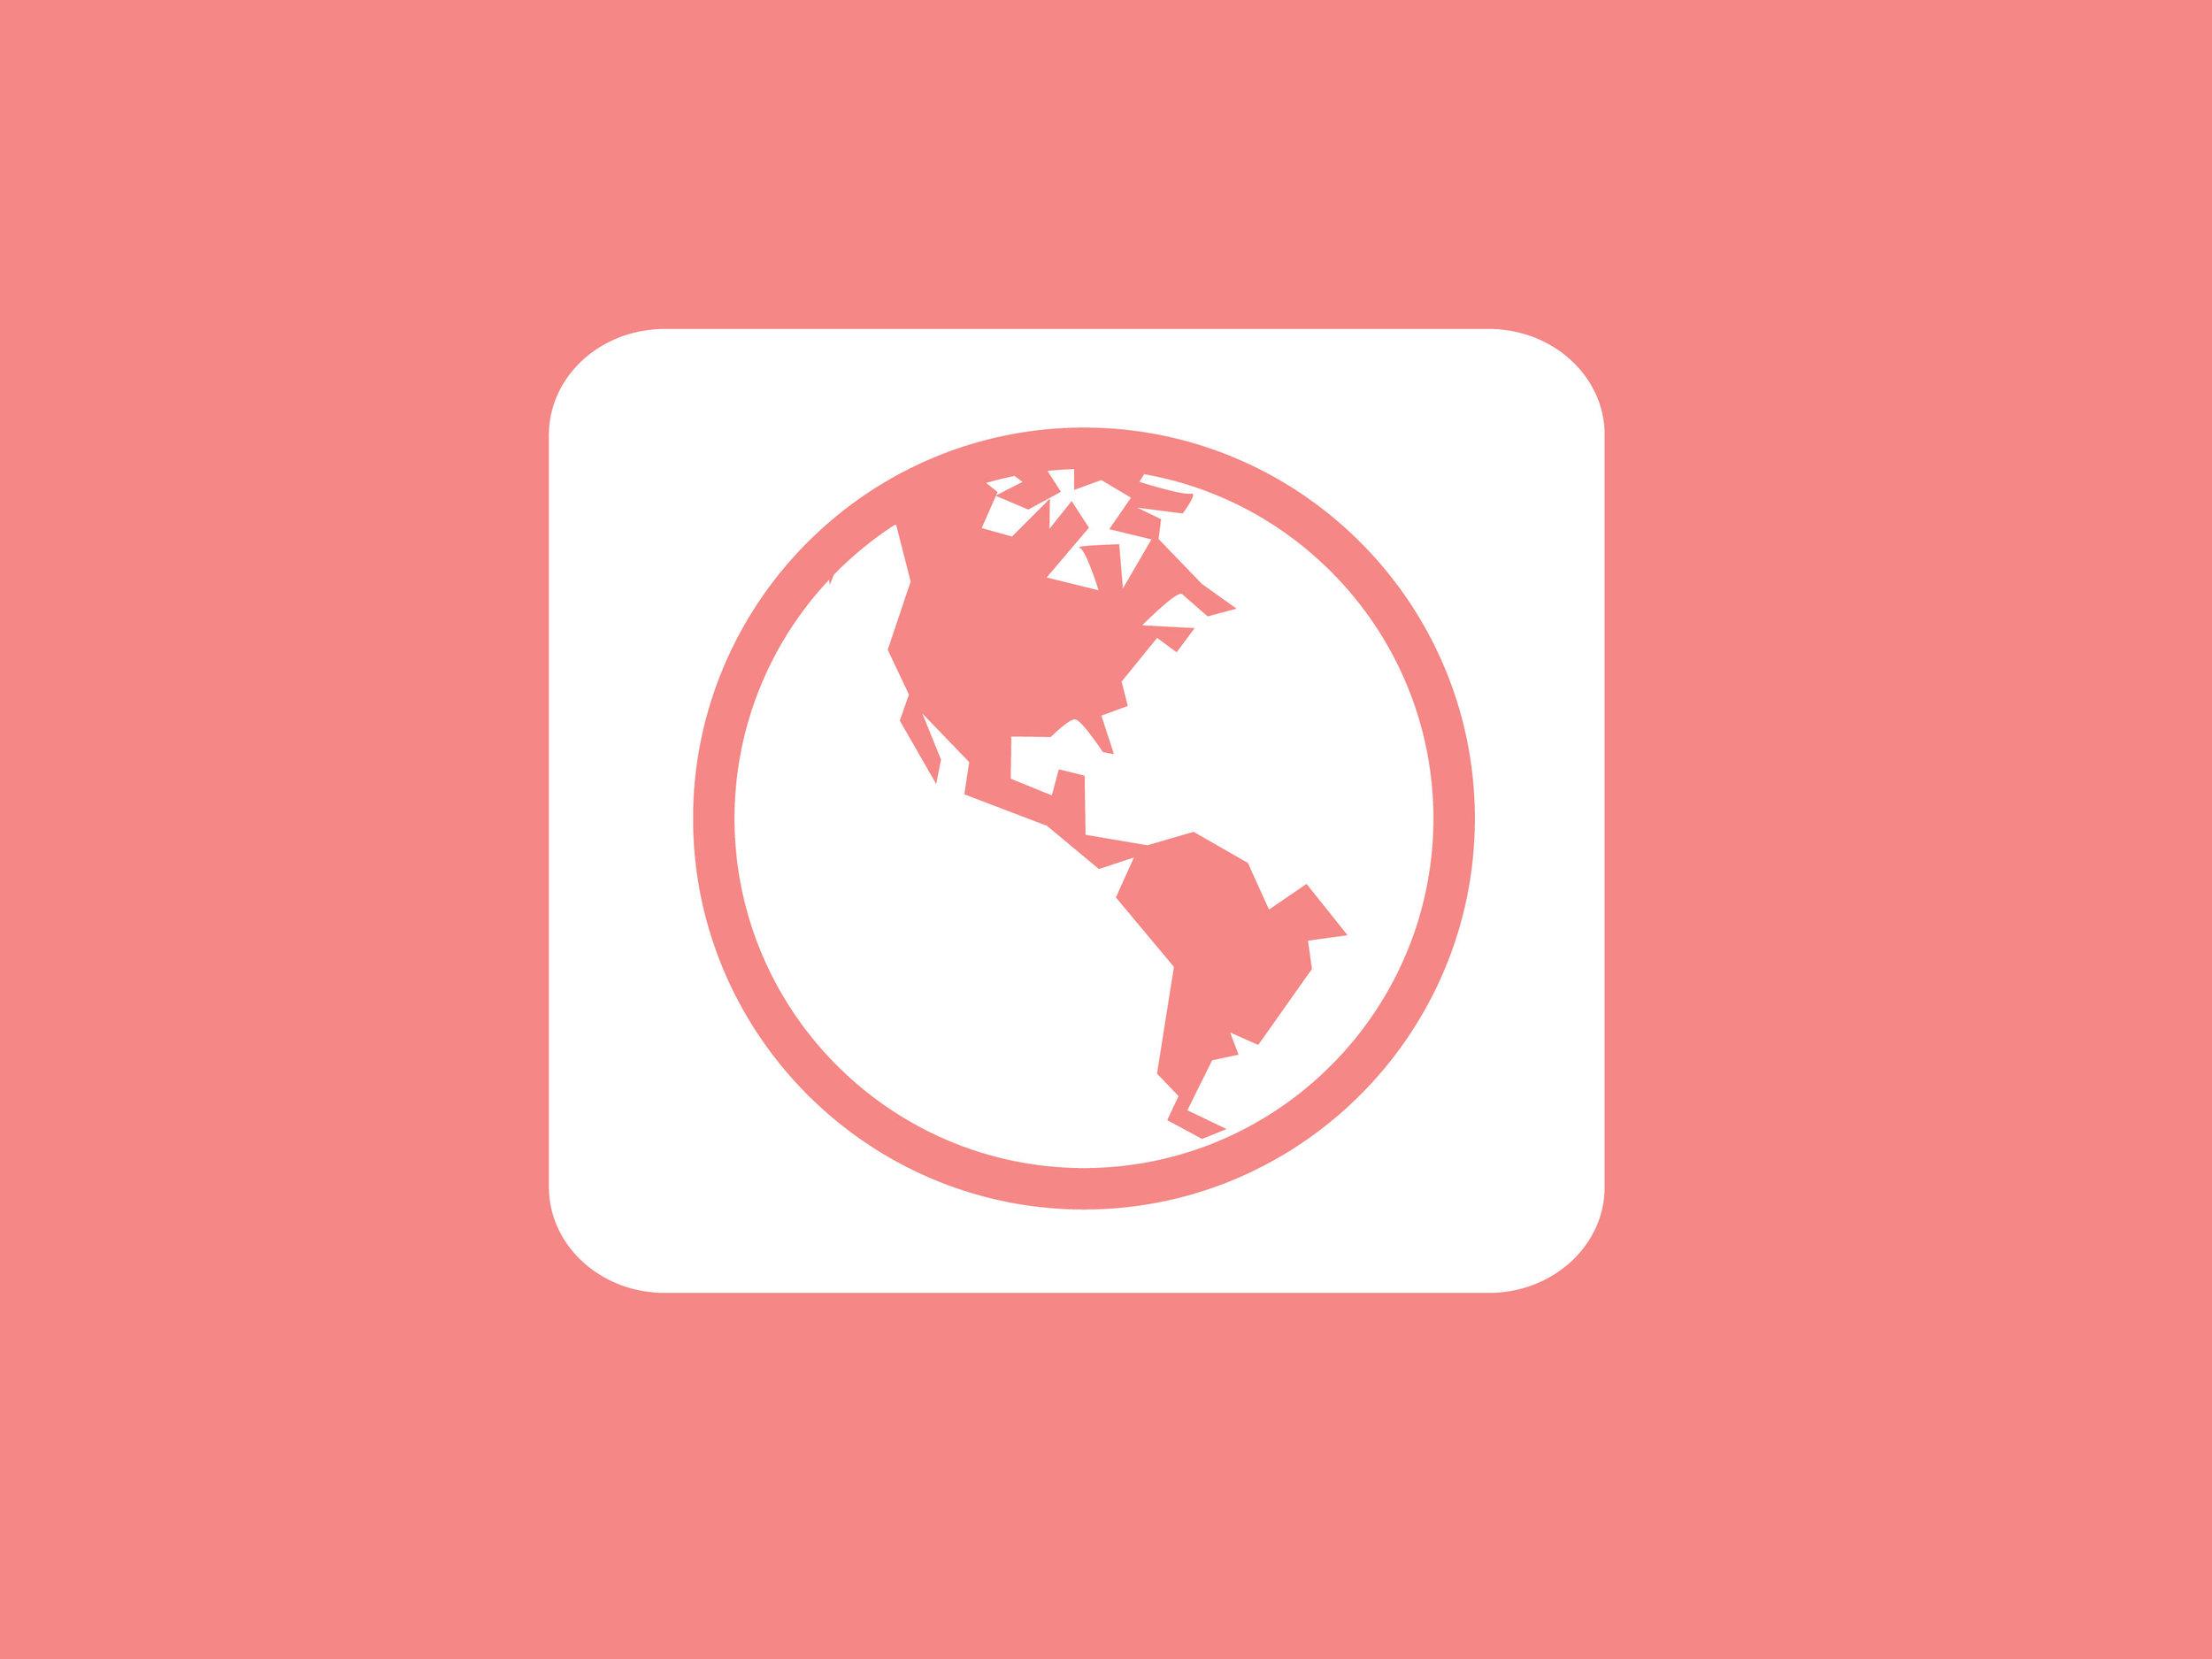 tangerine-icons_globe puzzle.jpg